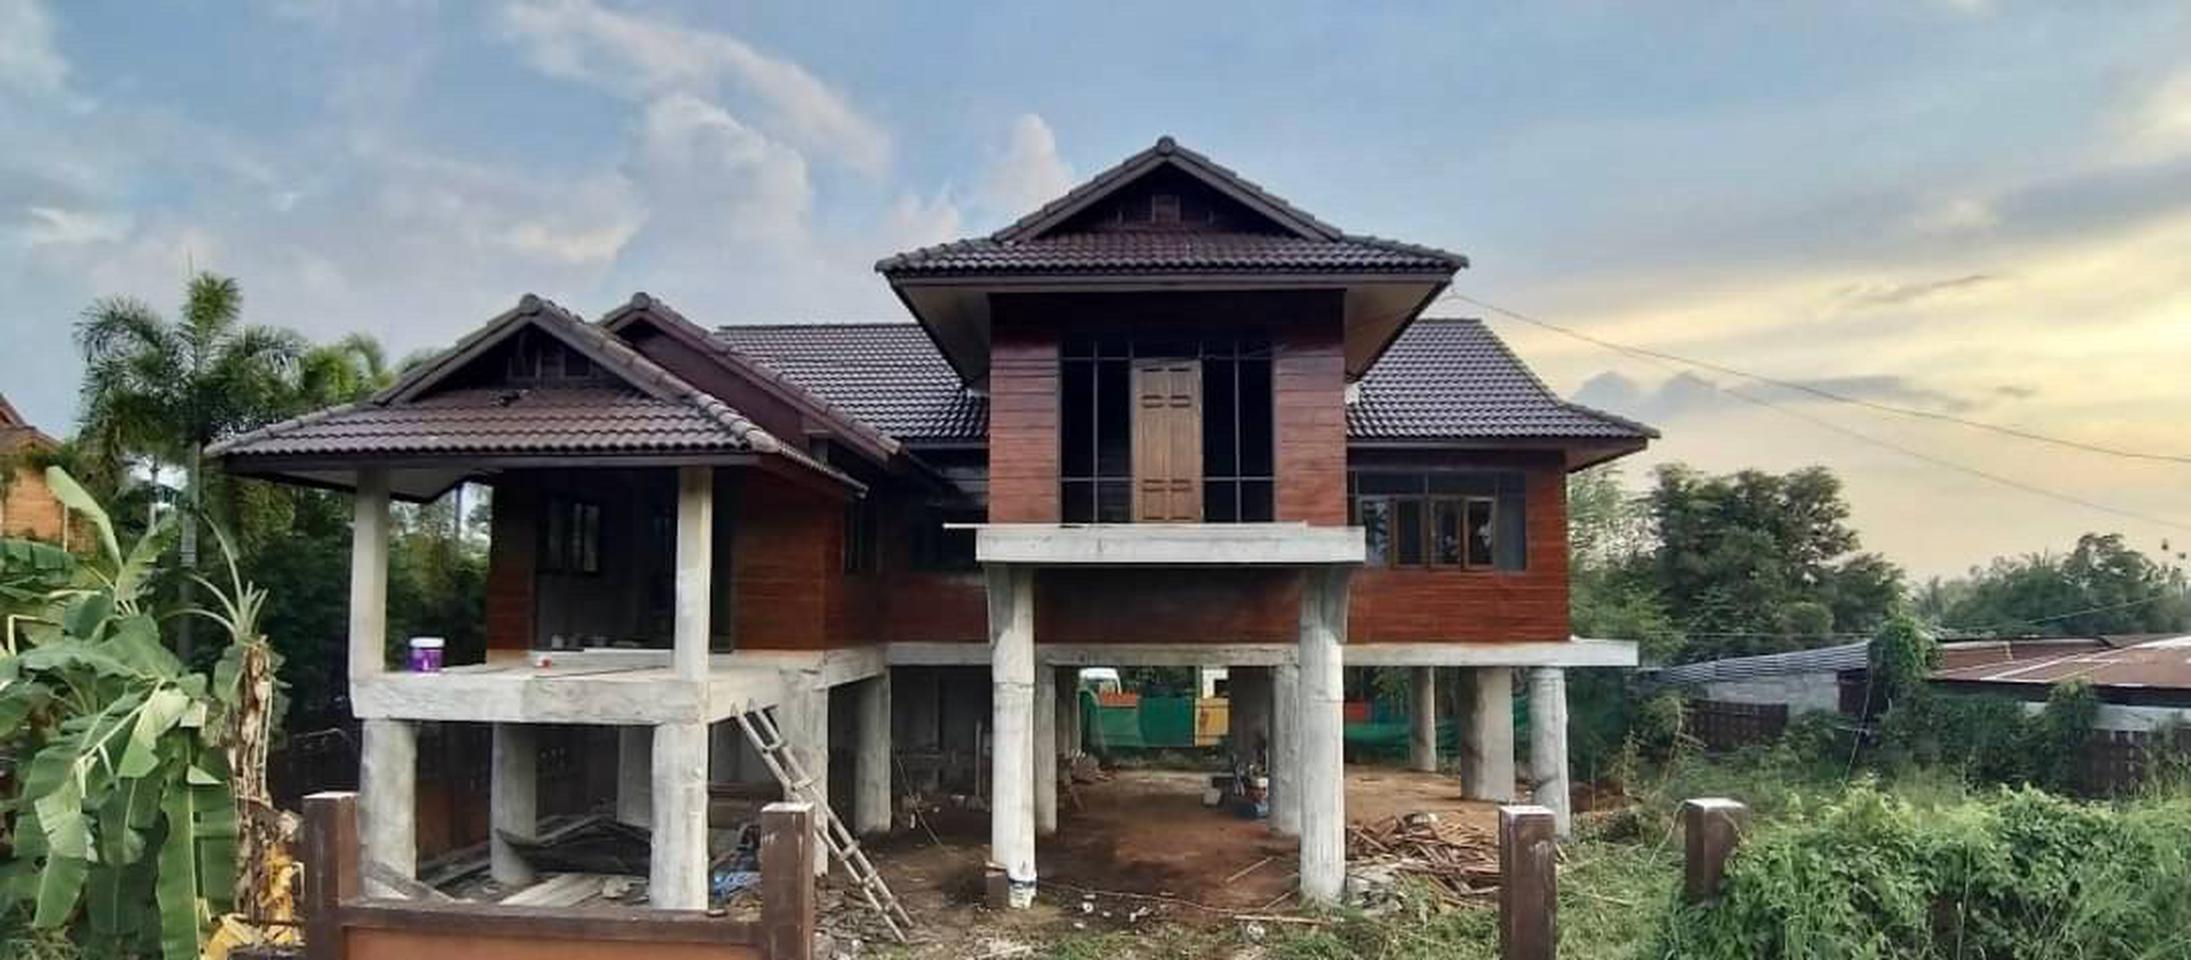 ขายบ้านเดี่ยว 2 ชั้นพัทยา  บ้านขายถูกใกล้เสร็จแล้ว ราคาขาย 3.9 ล้านบาท รูปที่ 1